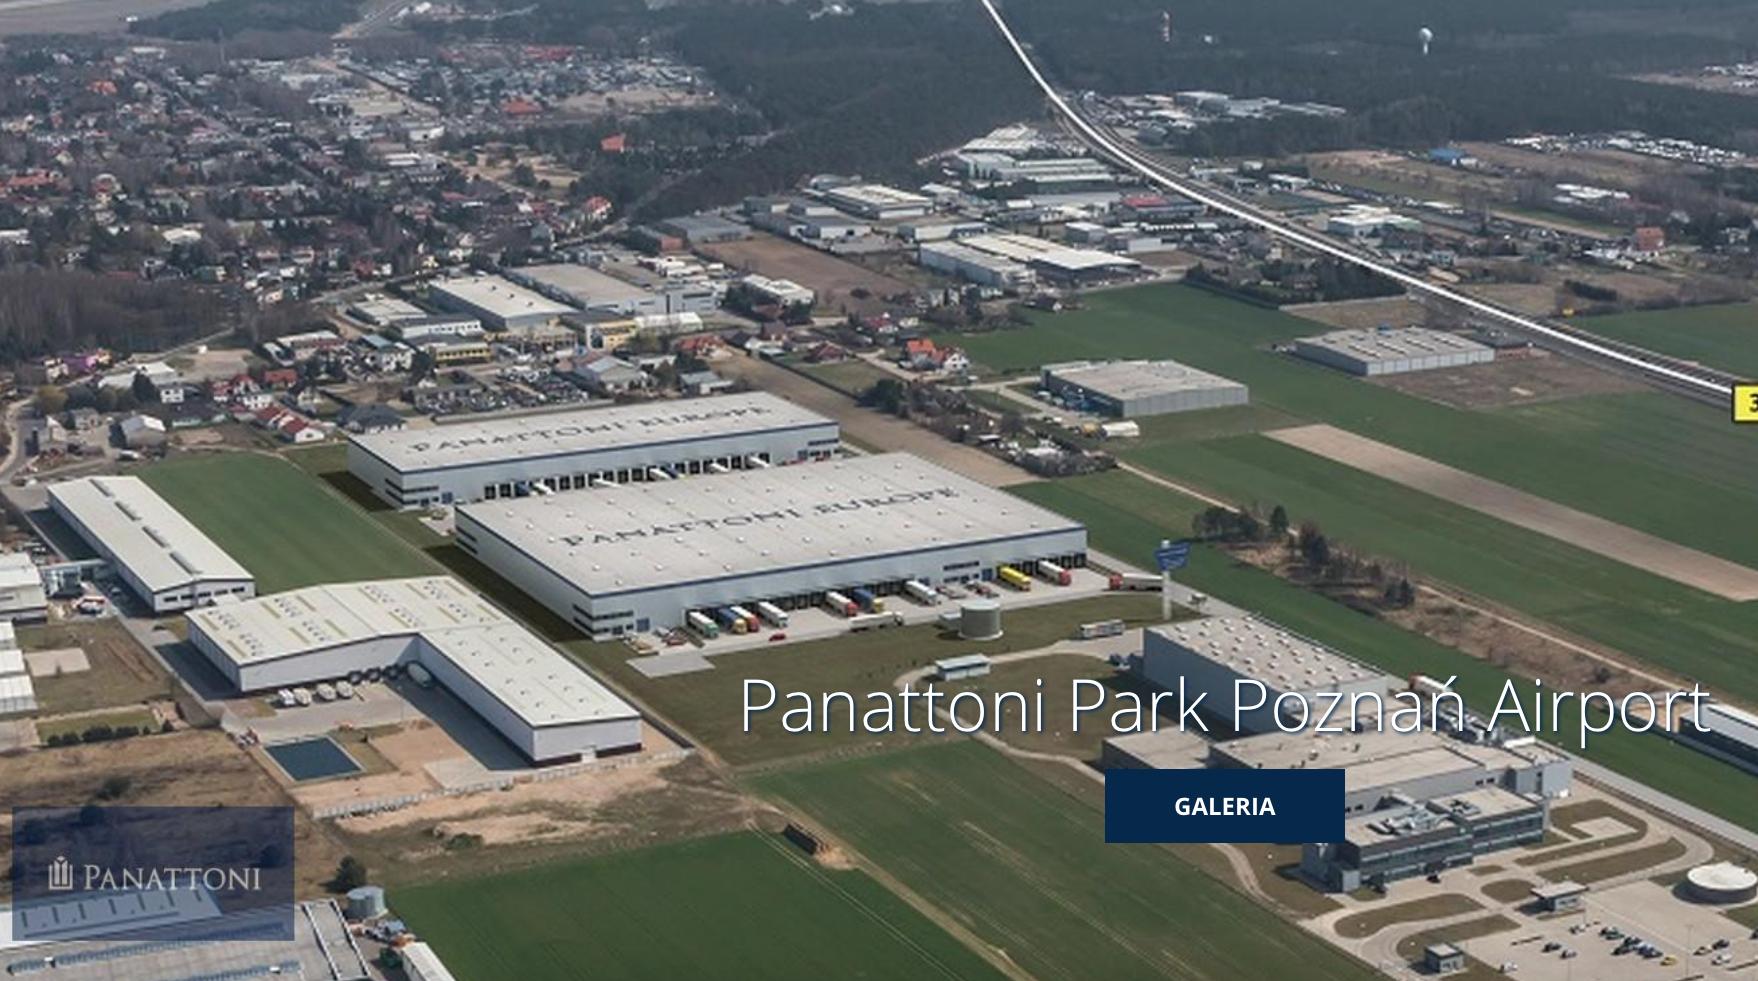 Panattoni Park Poznań Airport